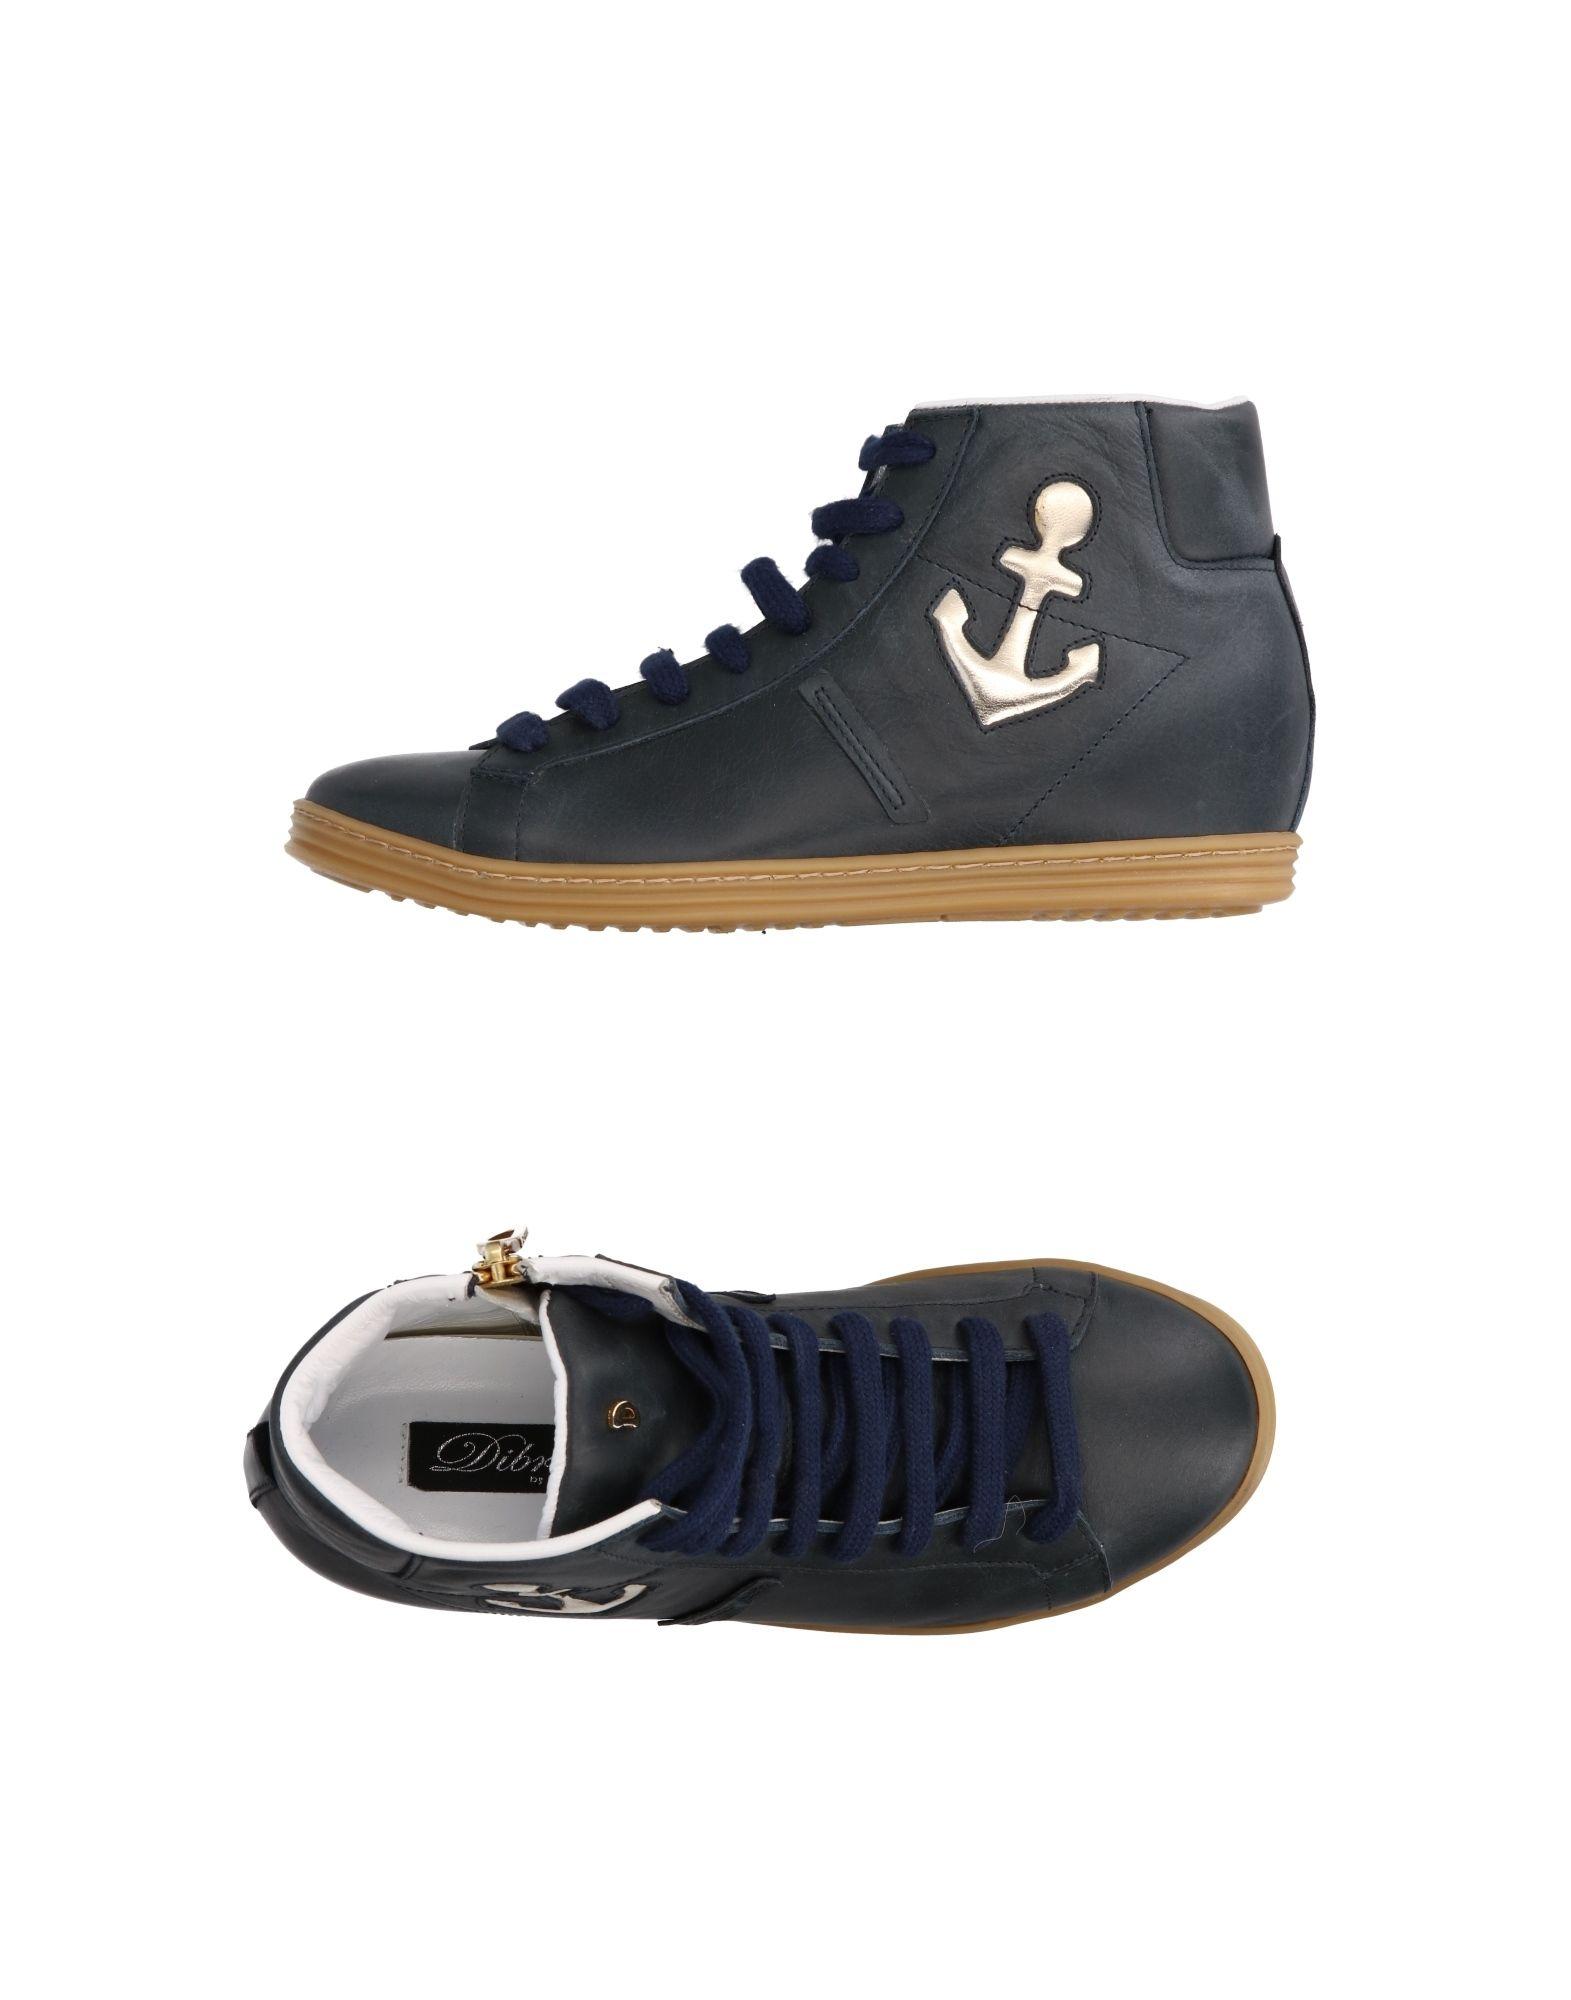 Dibrera By Paolo Zanoli Sneakers Sneakers Sneakers Damen  11238655GS Gute Qualität beliebte Schuhe f05cb5